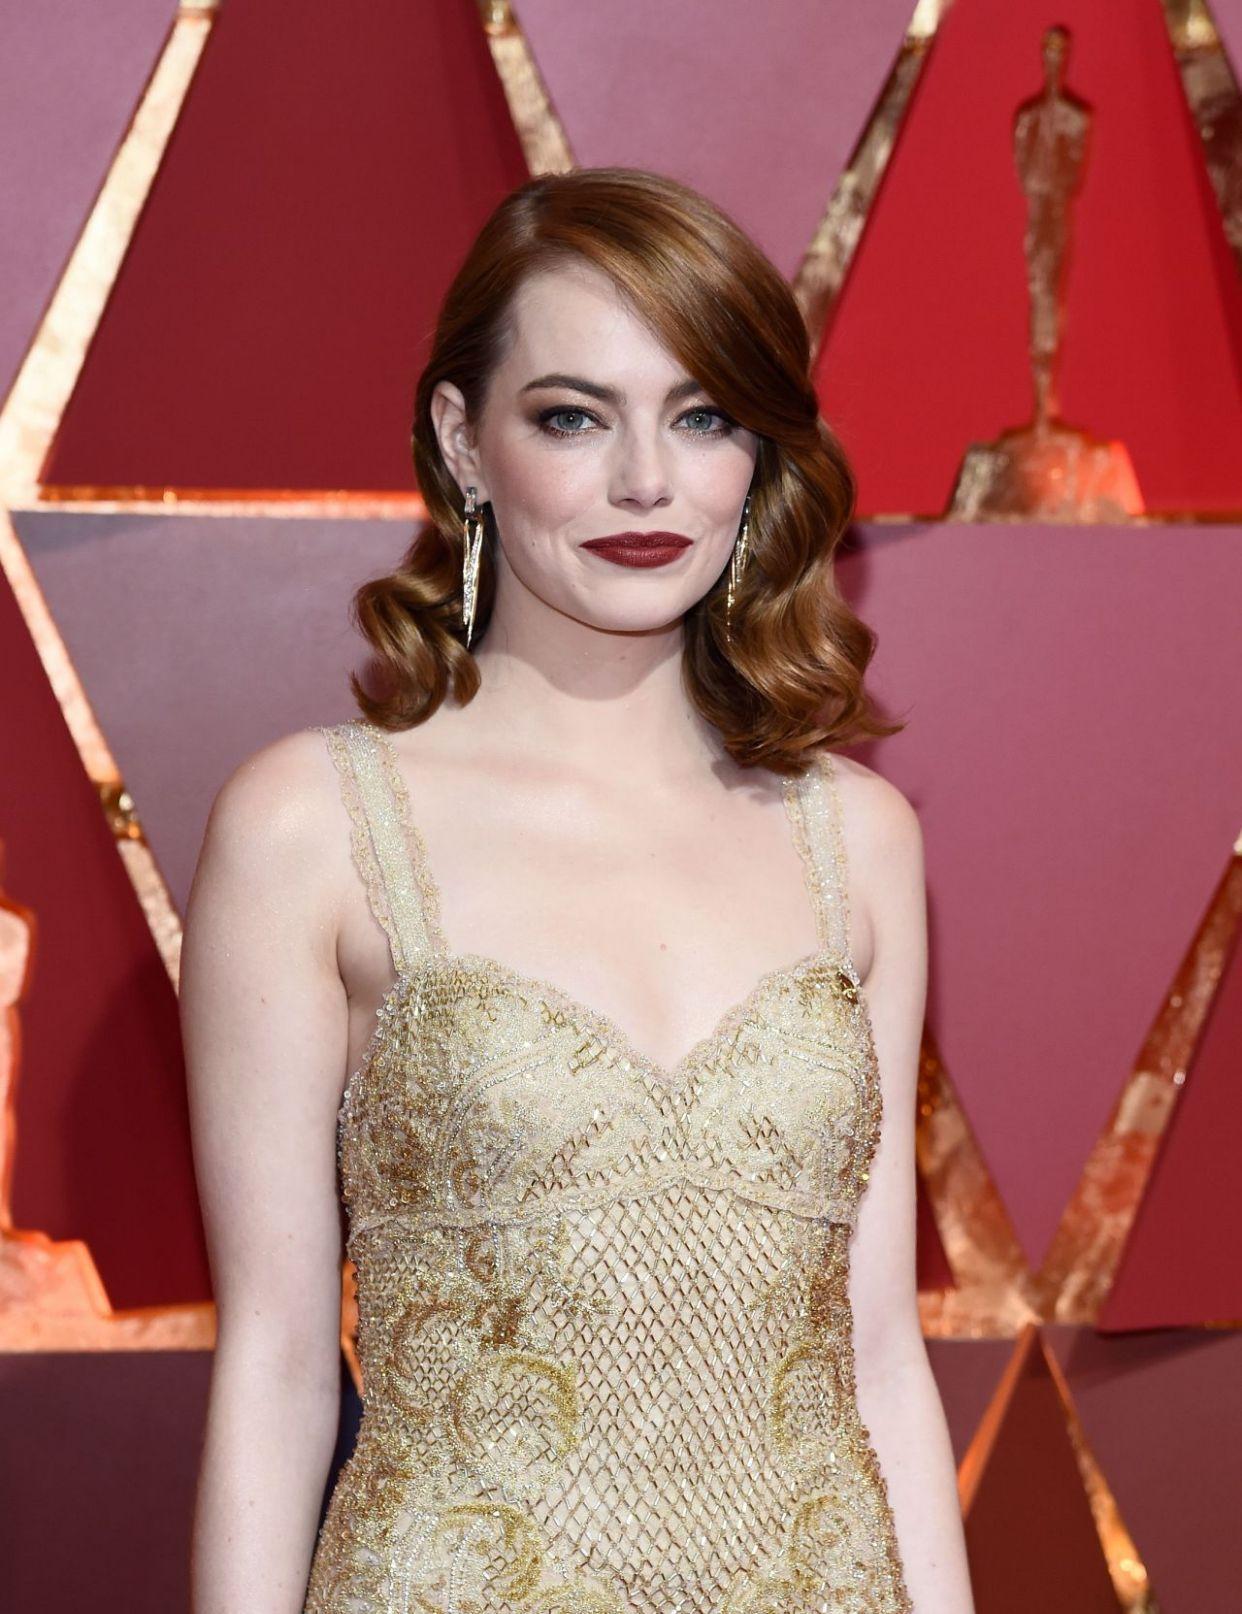 艾玛·斯通(Emma Stone)在好莱坞的奥斯卡走红毯